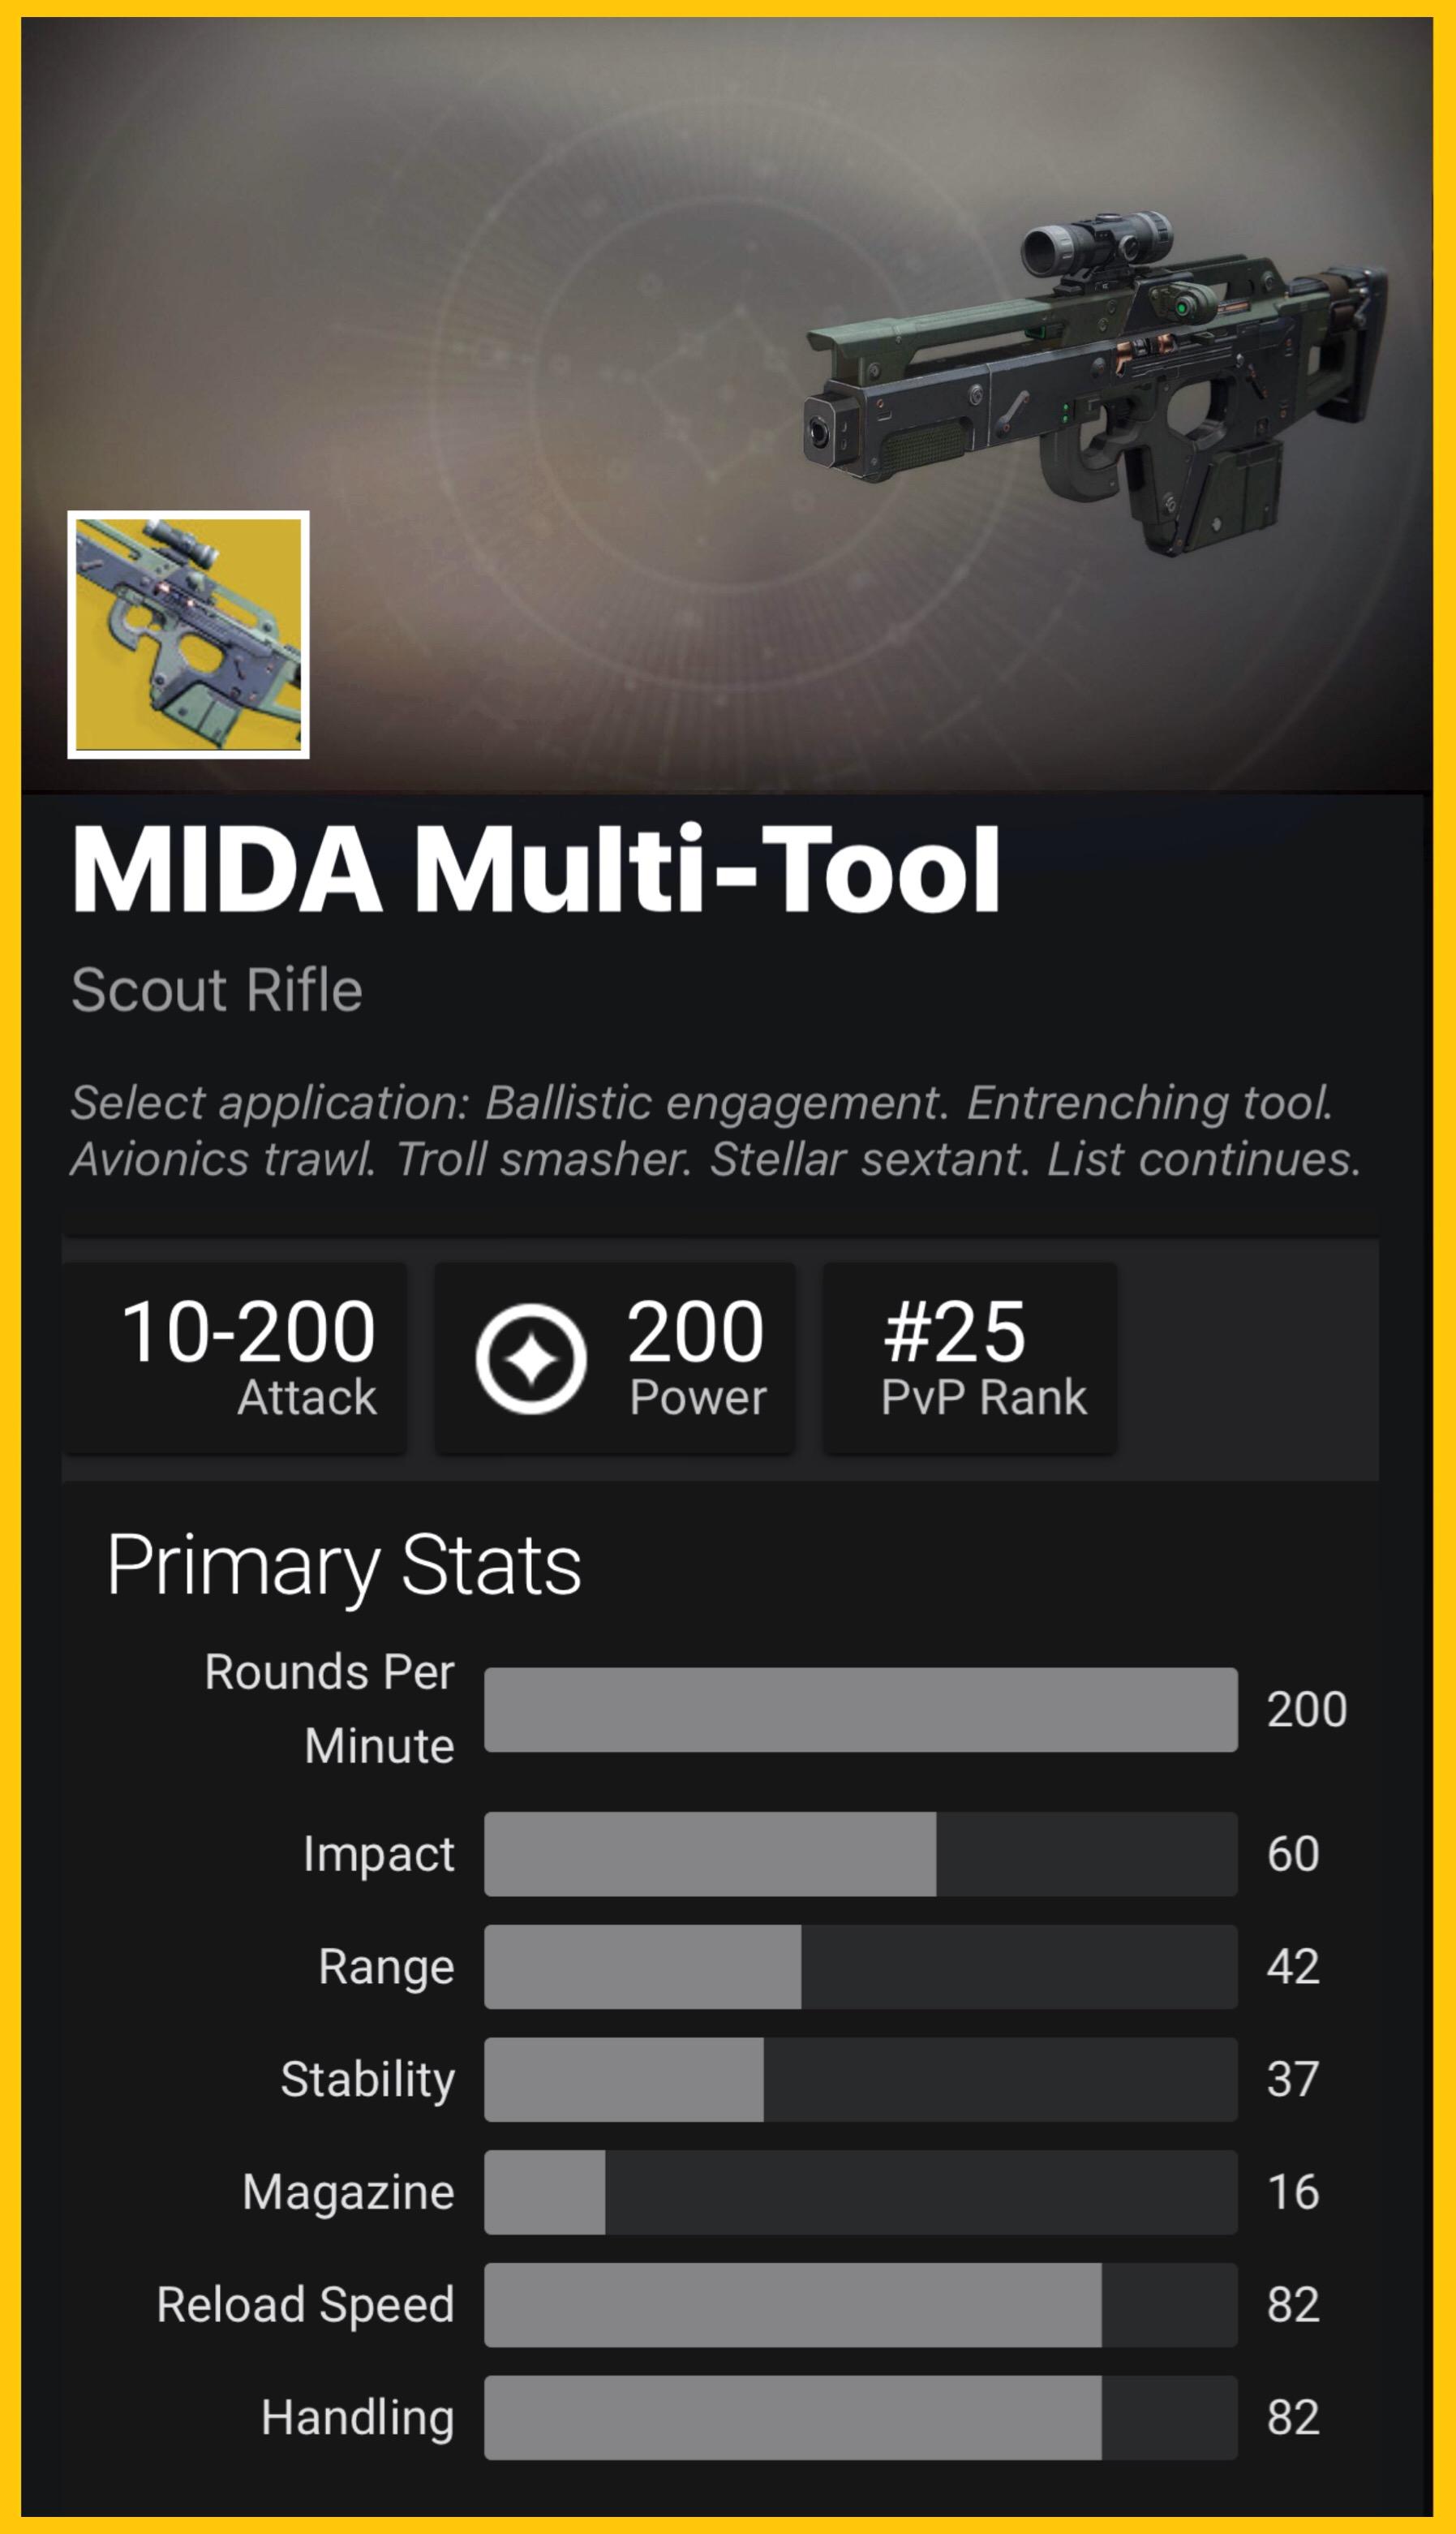 MIDA Multi-Tool STATS.JPEG